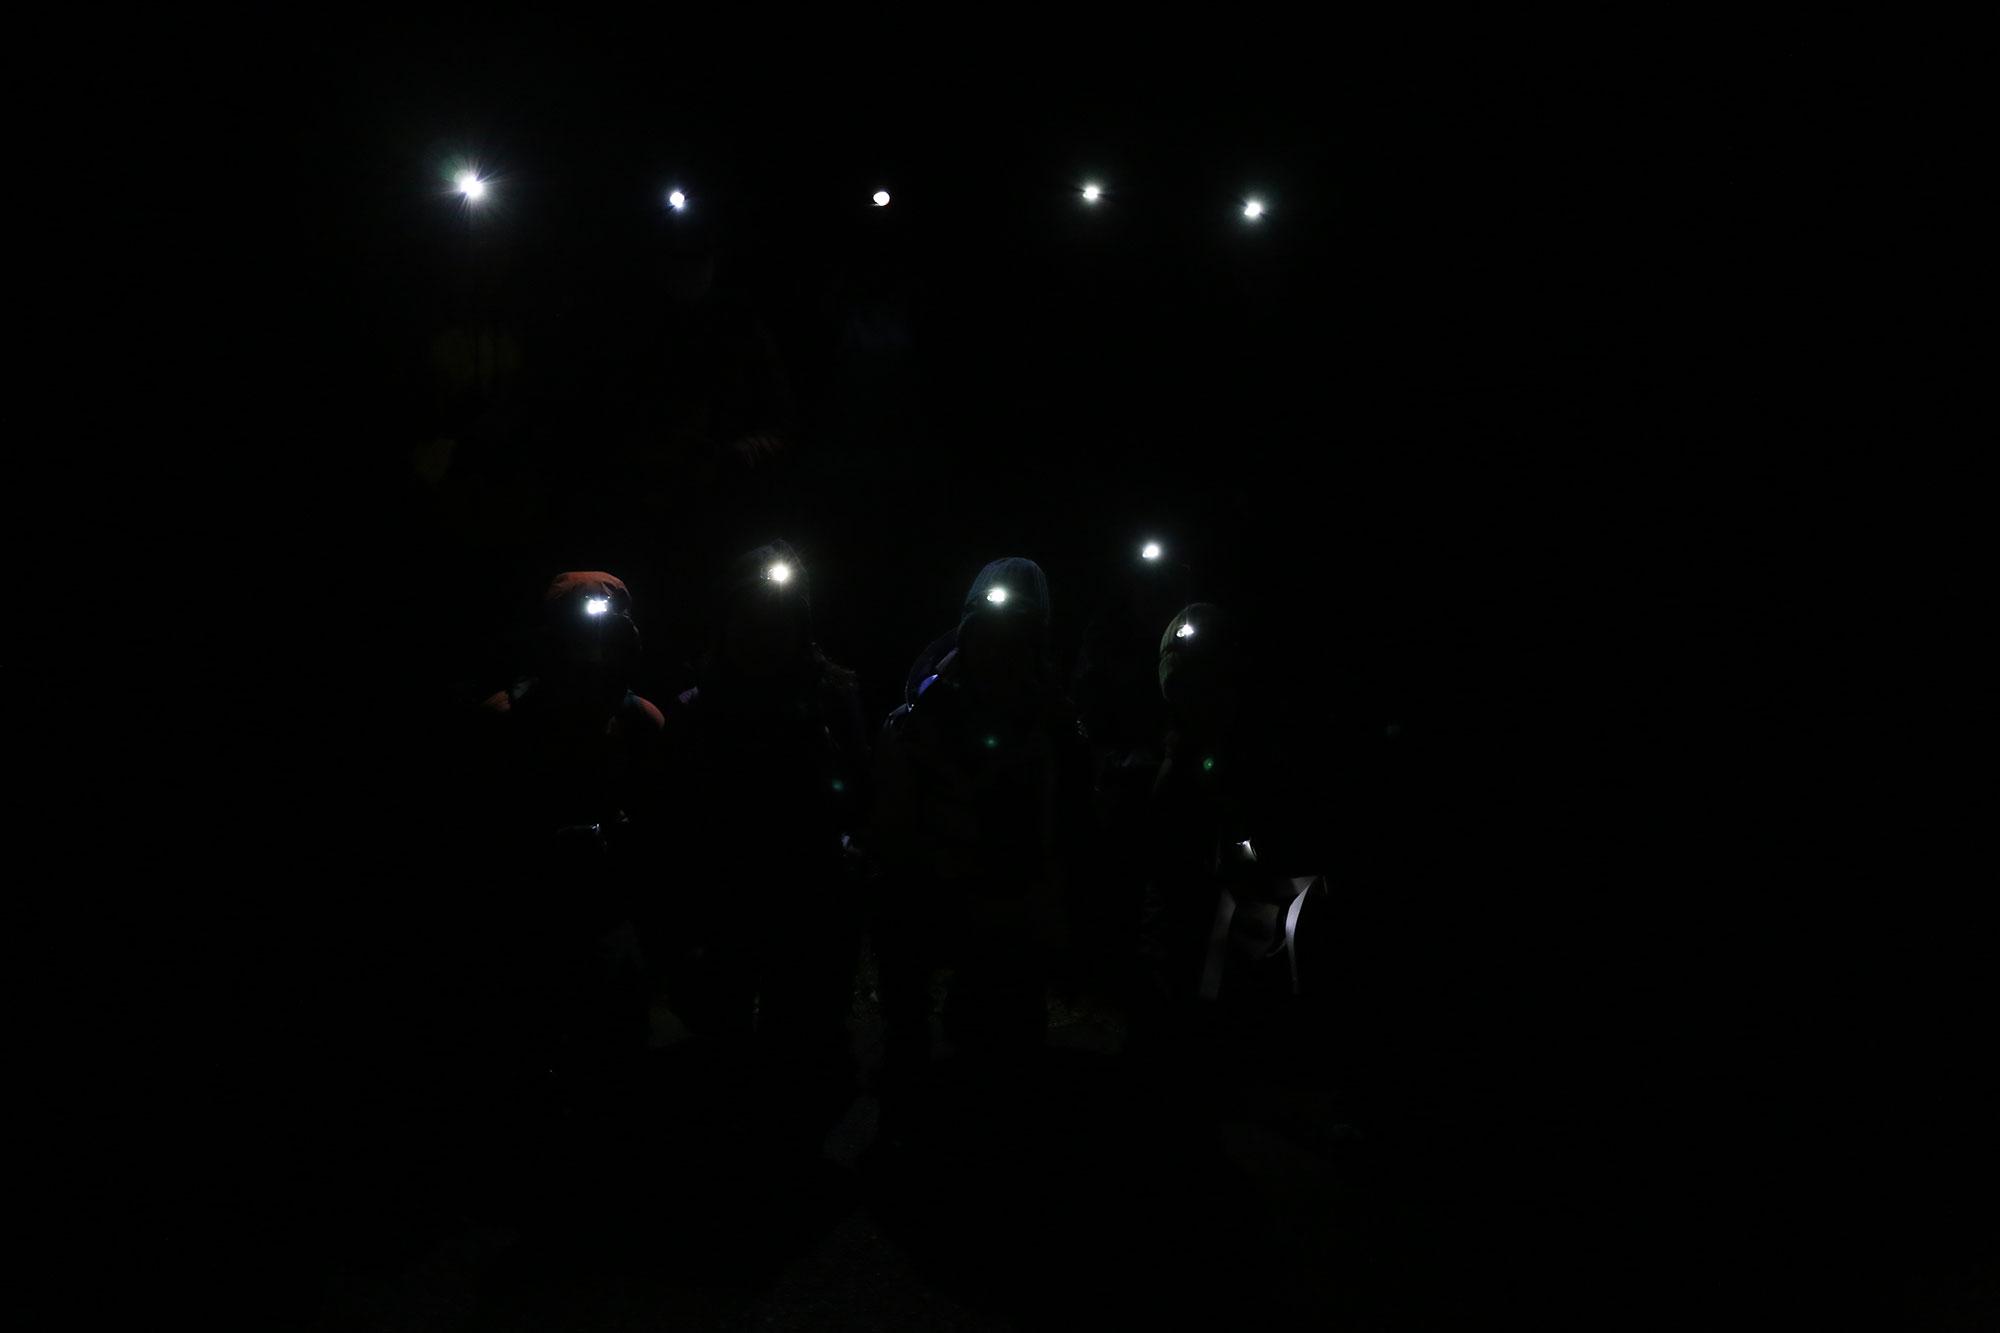 深夜徘徊中の記念撮影(宮崎市近郊の山にて)